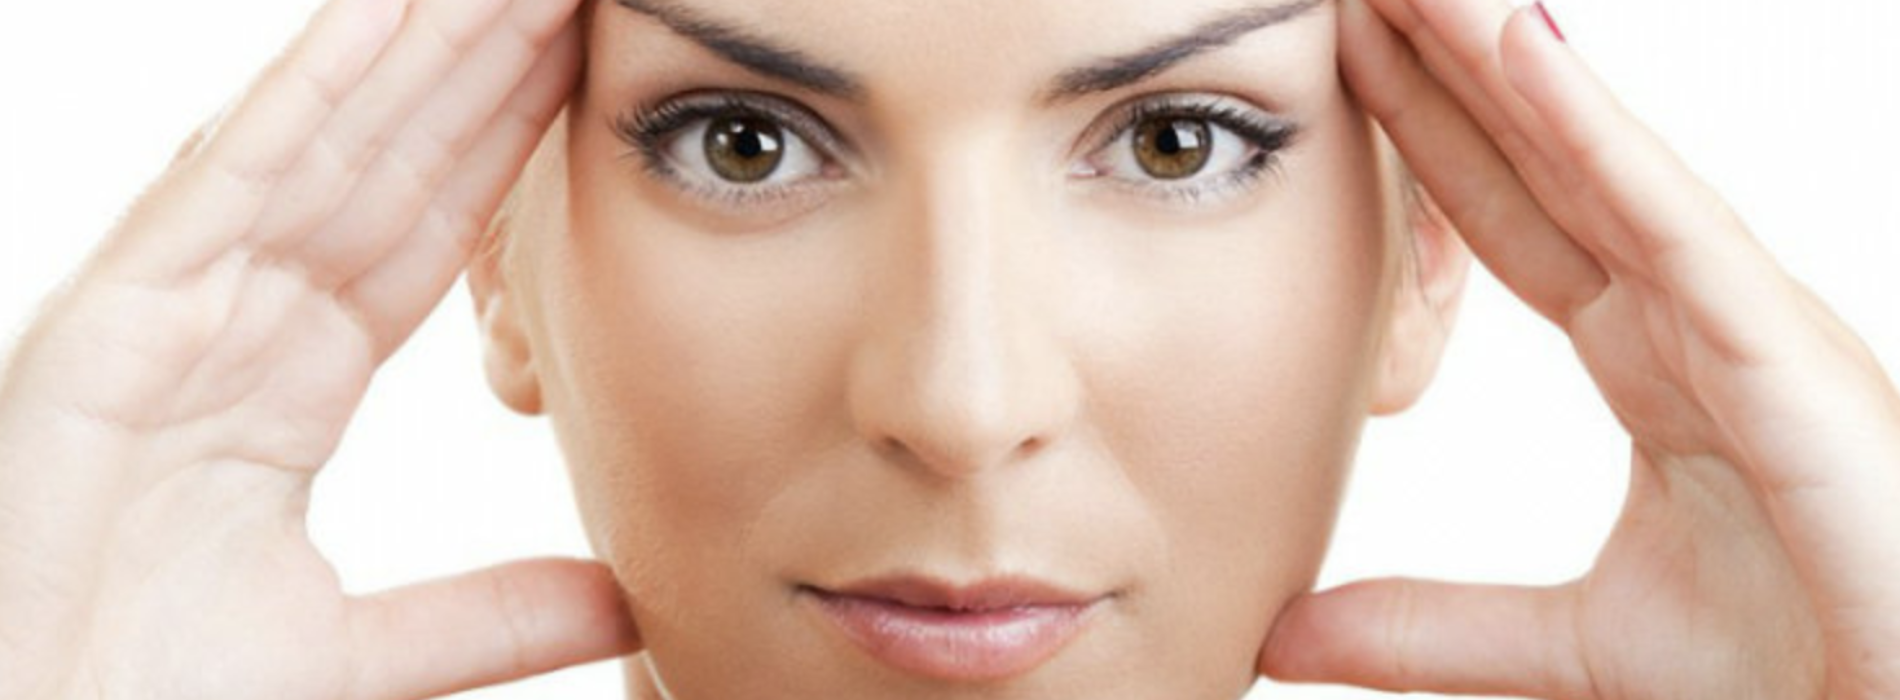 Yoga facciale, il segreto per una pelle tonica e luminosa